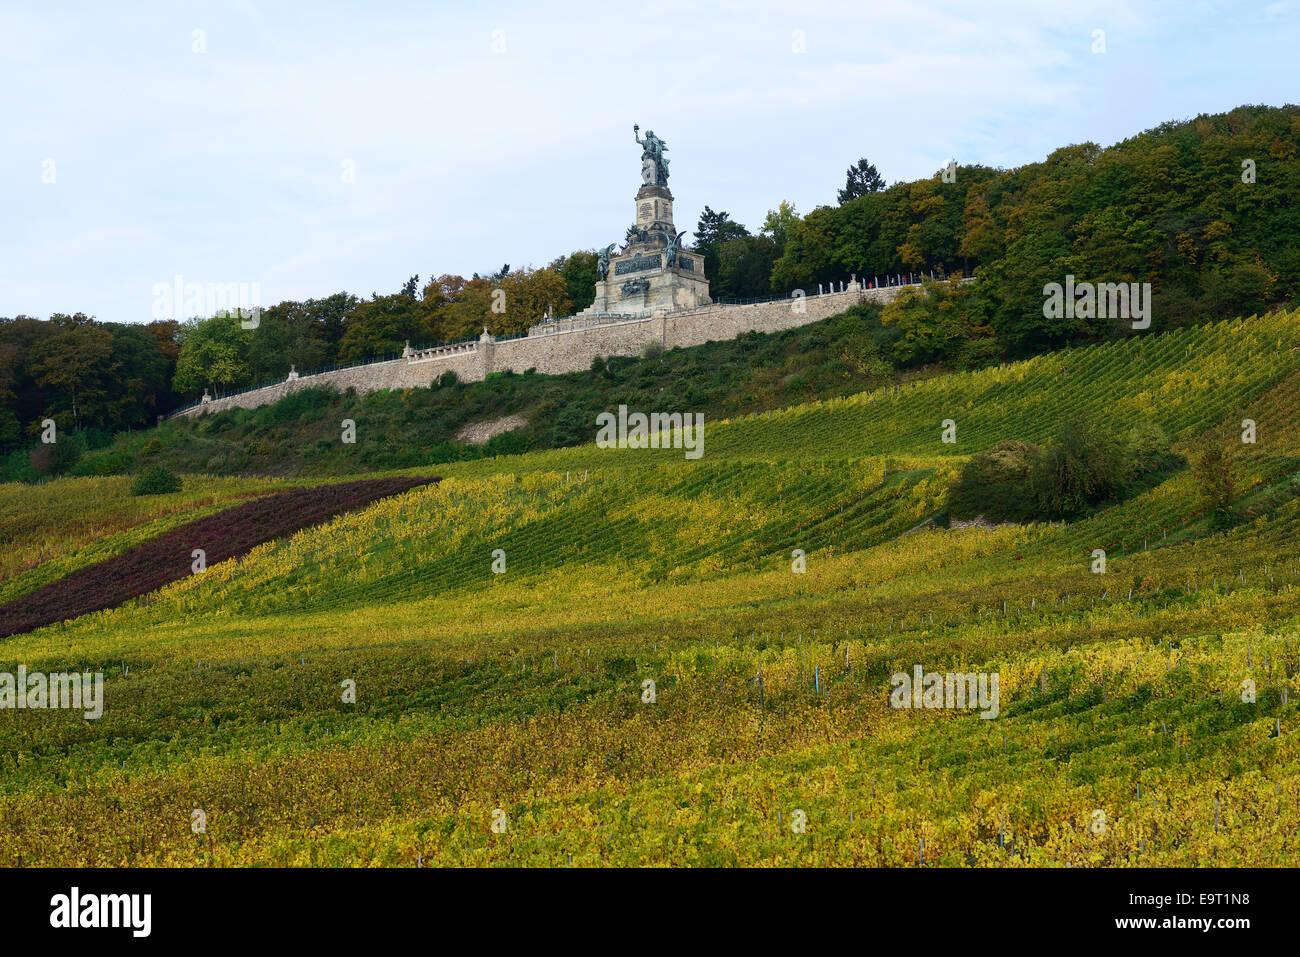 NIEDERWALDDENKMAL (Monumento Niederwald) & vigne. Parco Niederwald, Rüdesheim am Rhein, Hesse, Germania. Immagini Stock